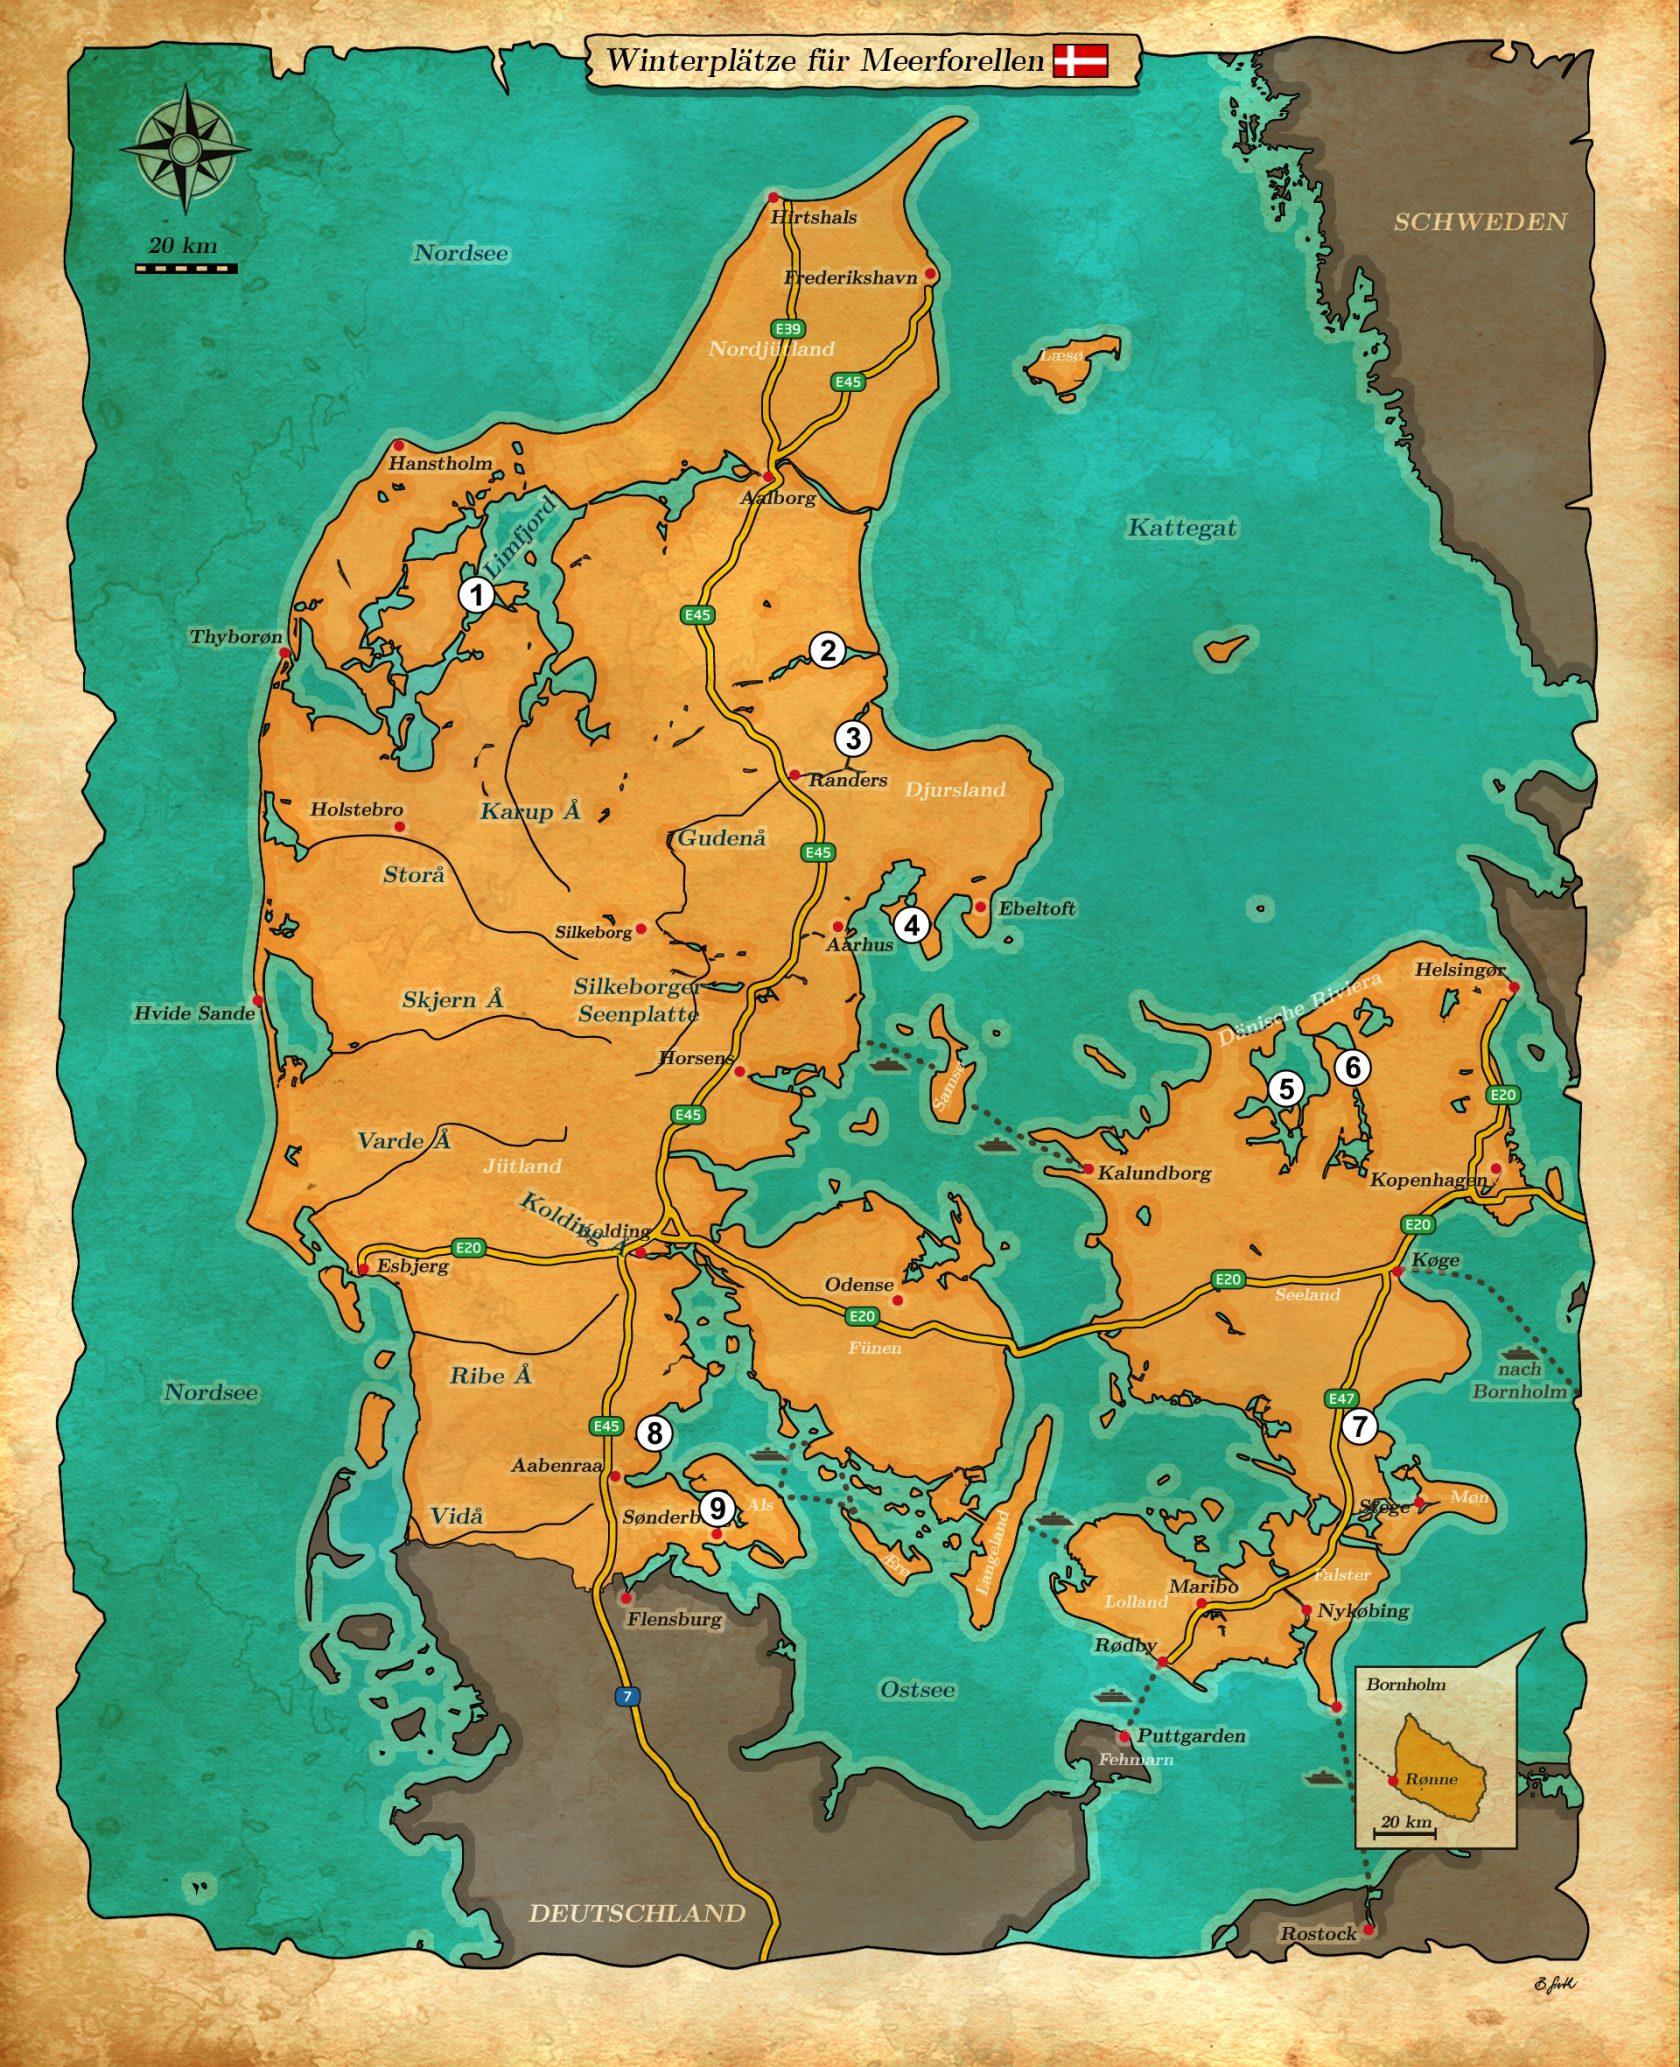 Meerforellen-Plätze im Winter für Dänemark